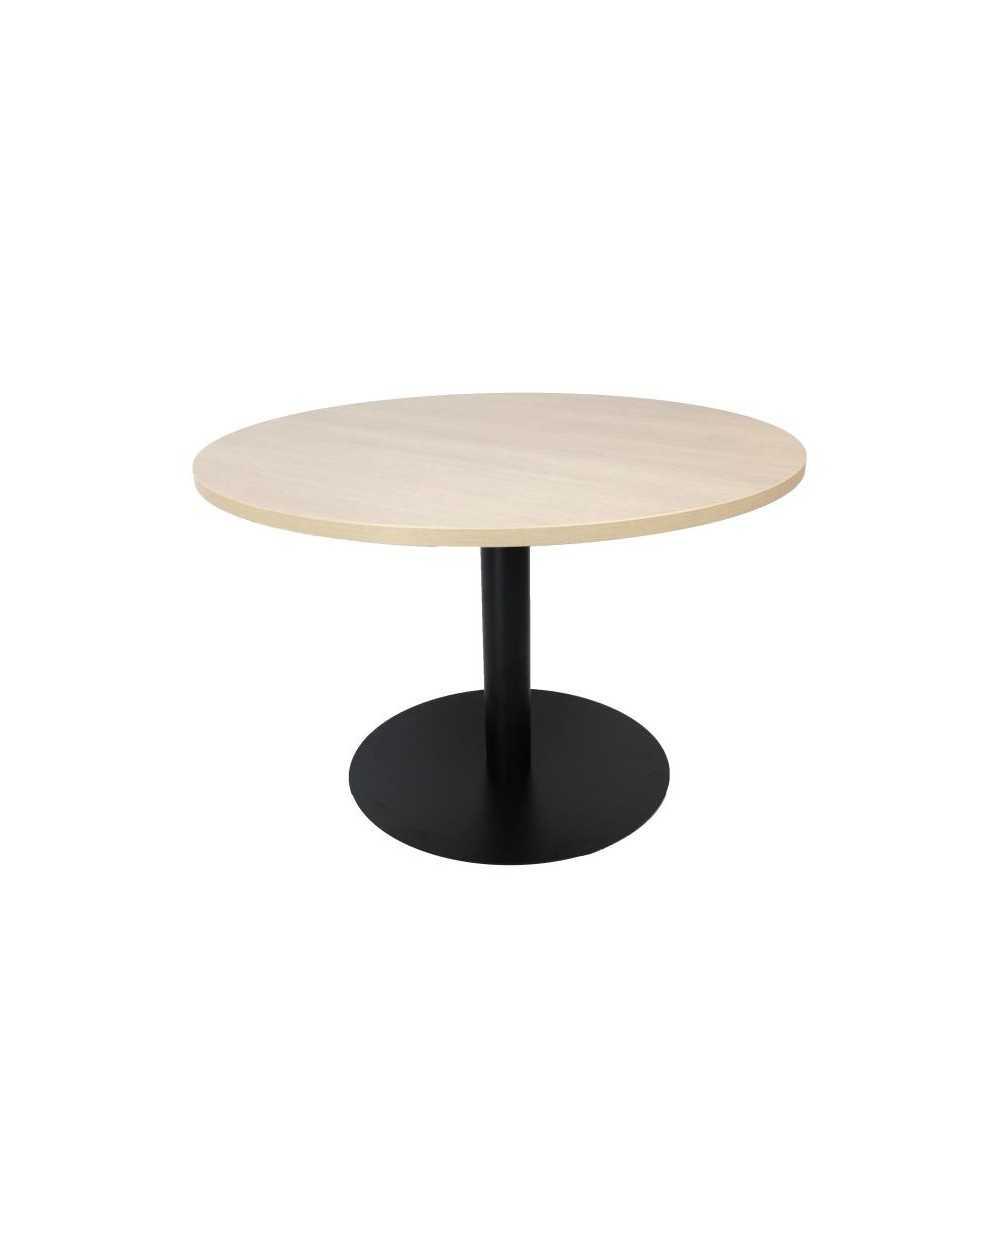 Table, ronde Æ 120 cm x 75,5 cm (hauteur), avec pied central, chêne grisé.